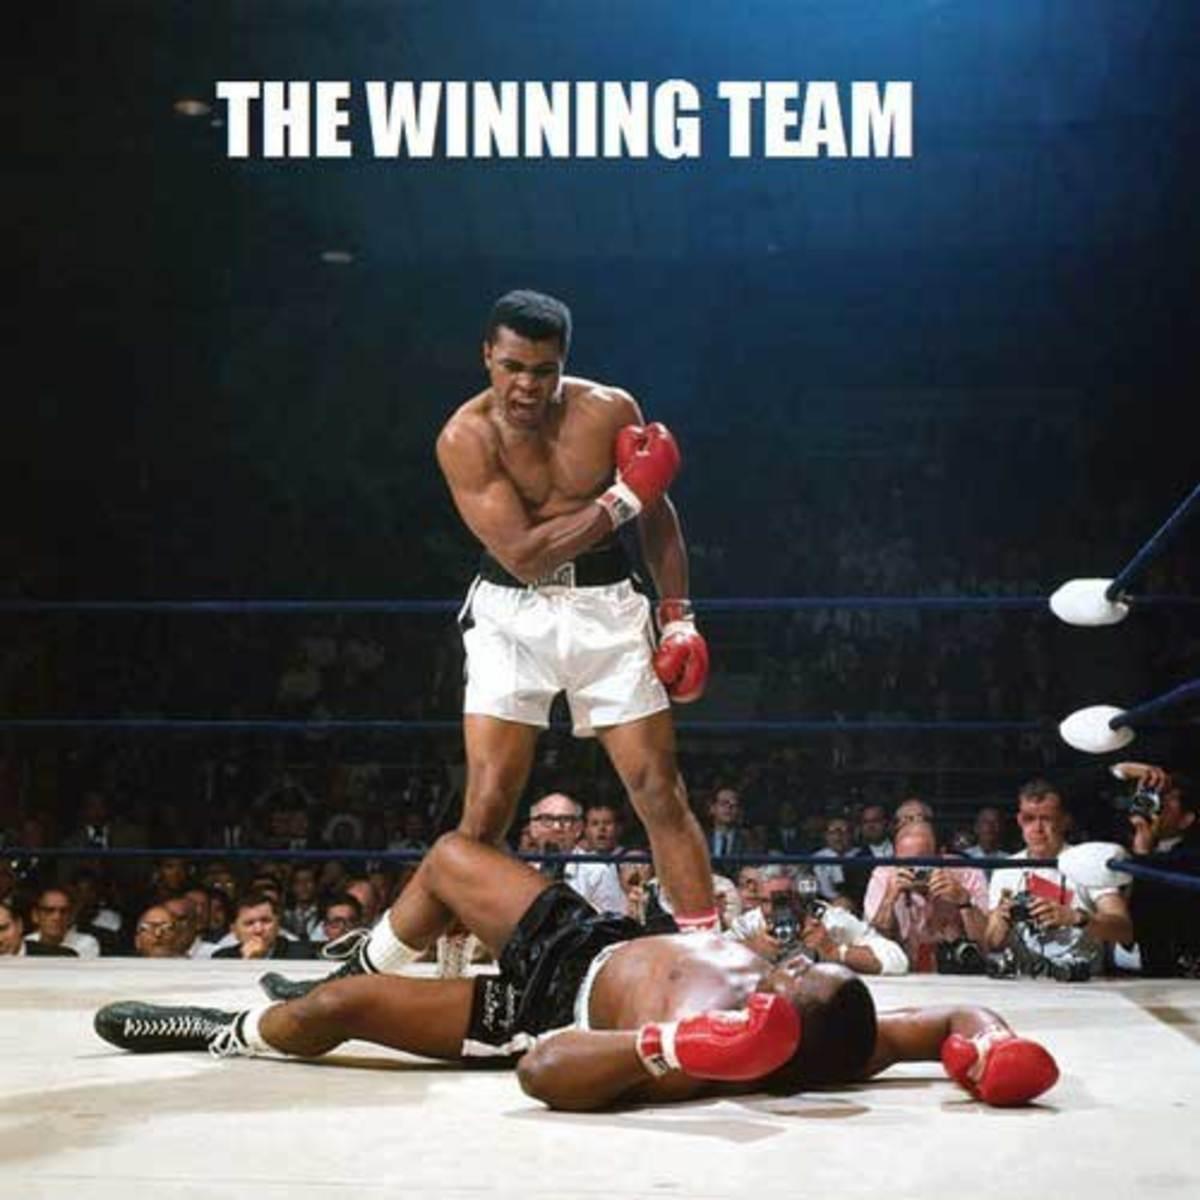 awar-winningteam.jpg